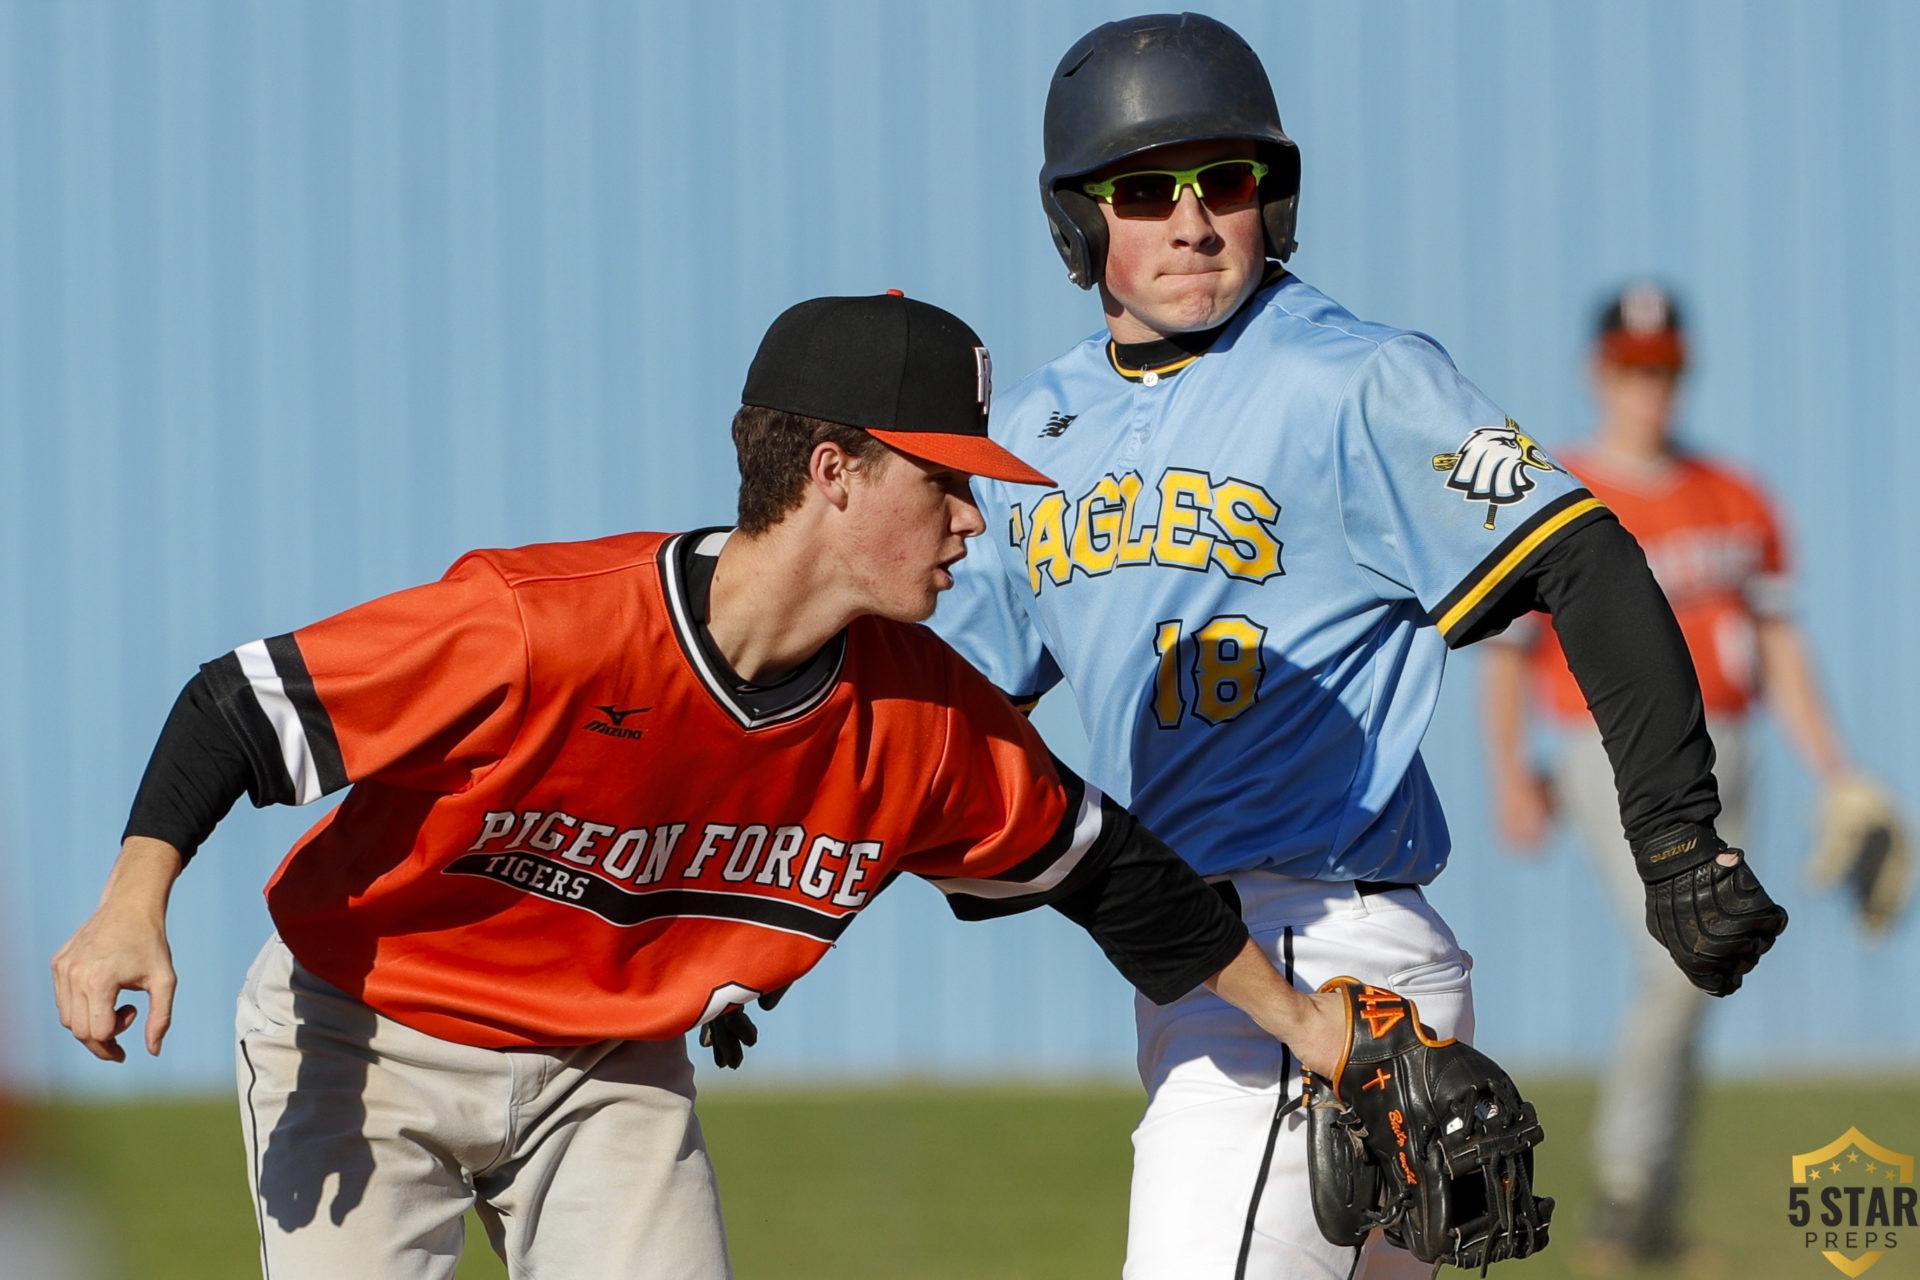 Pigeon Forge vs Gibbs baseball 0016 (Danny Parker)